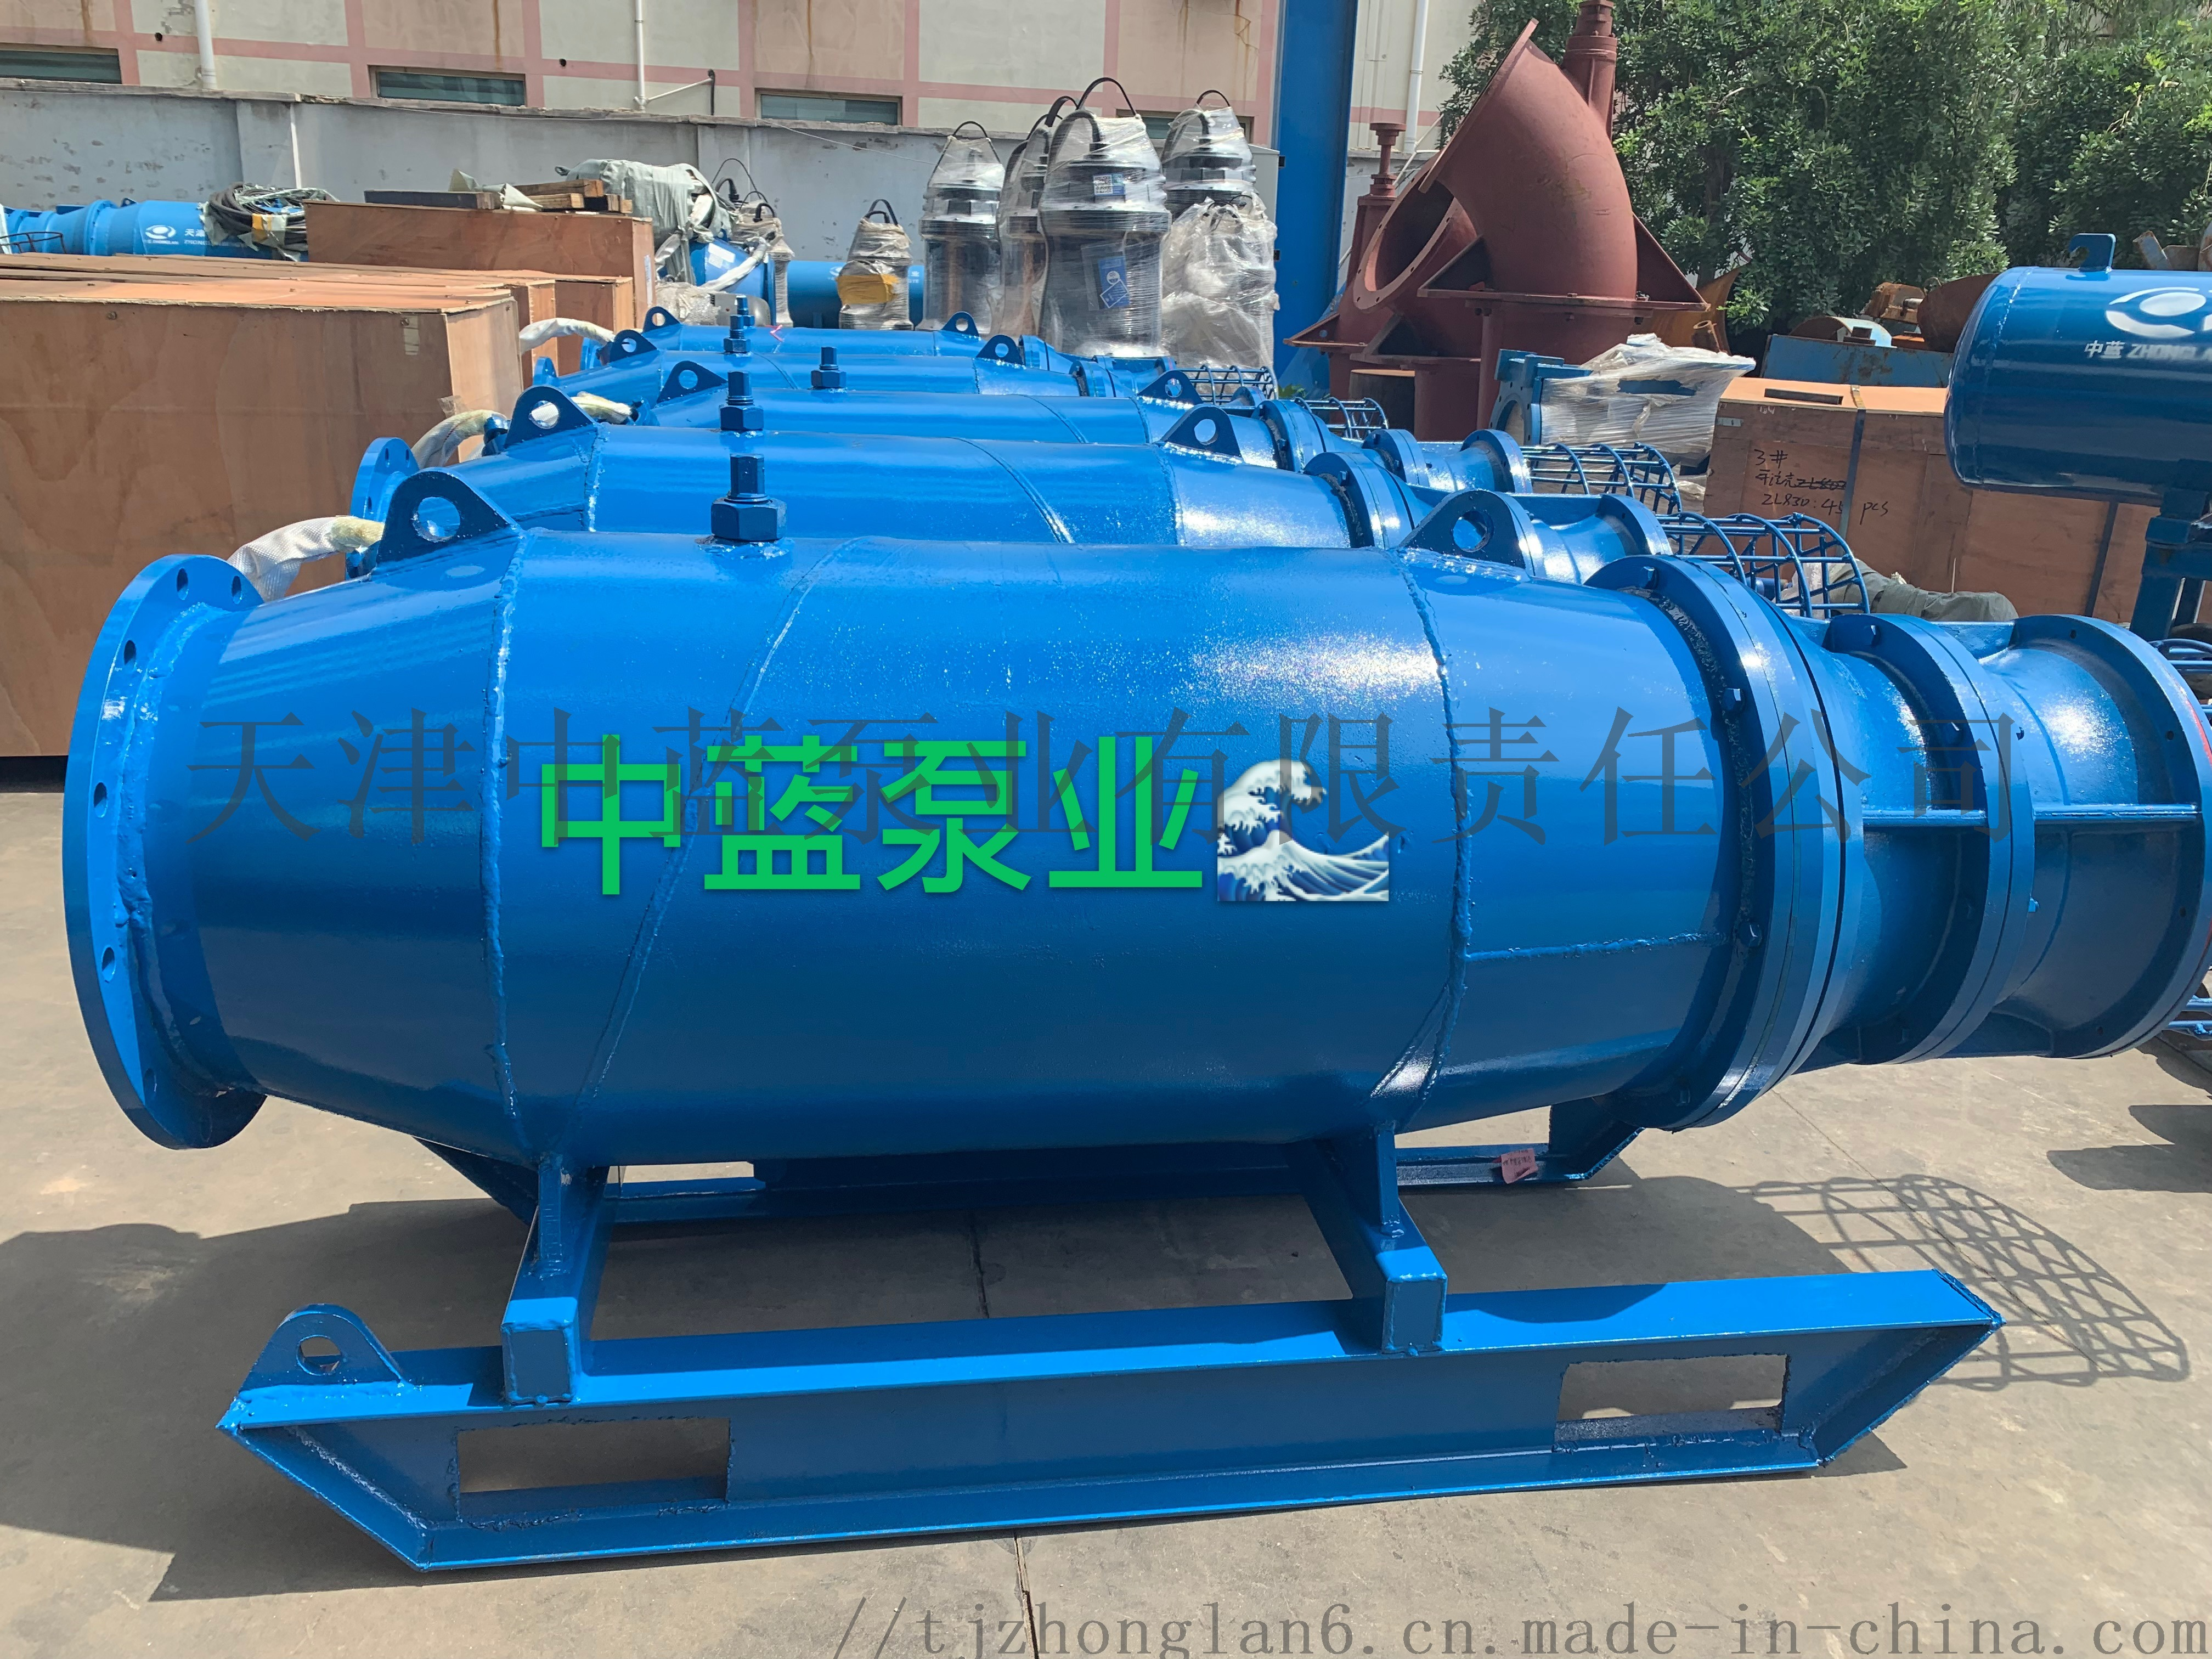 悬吊式安装潜水轴流泵 雪橇式轴流泵厂家812414442